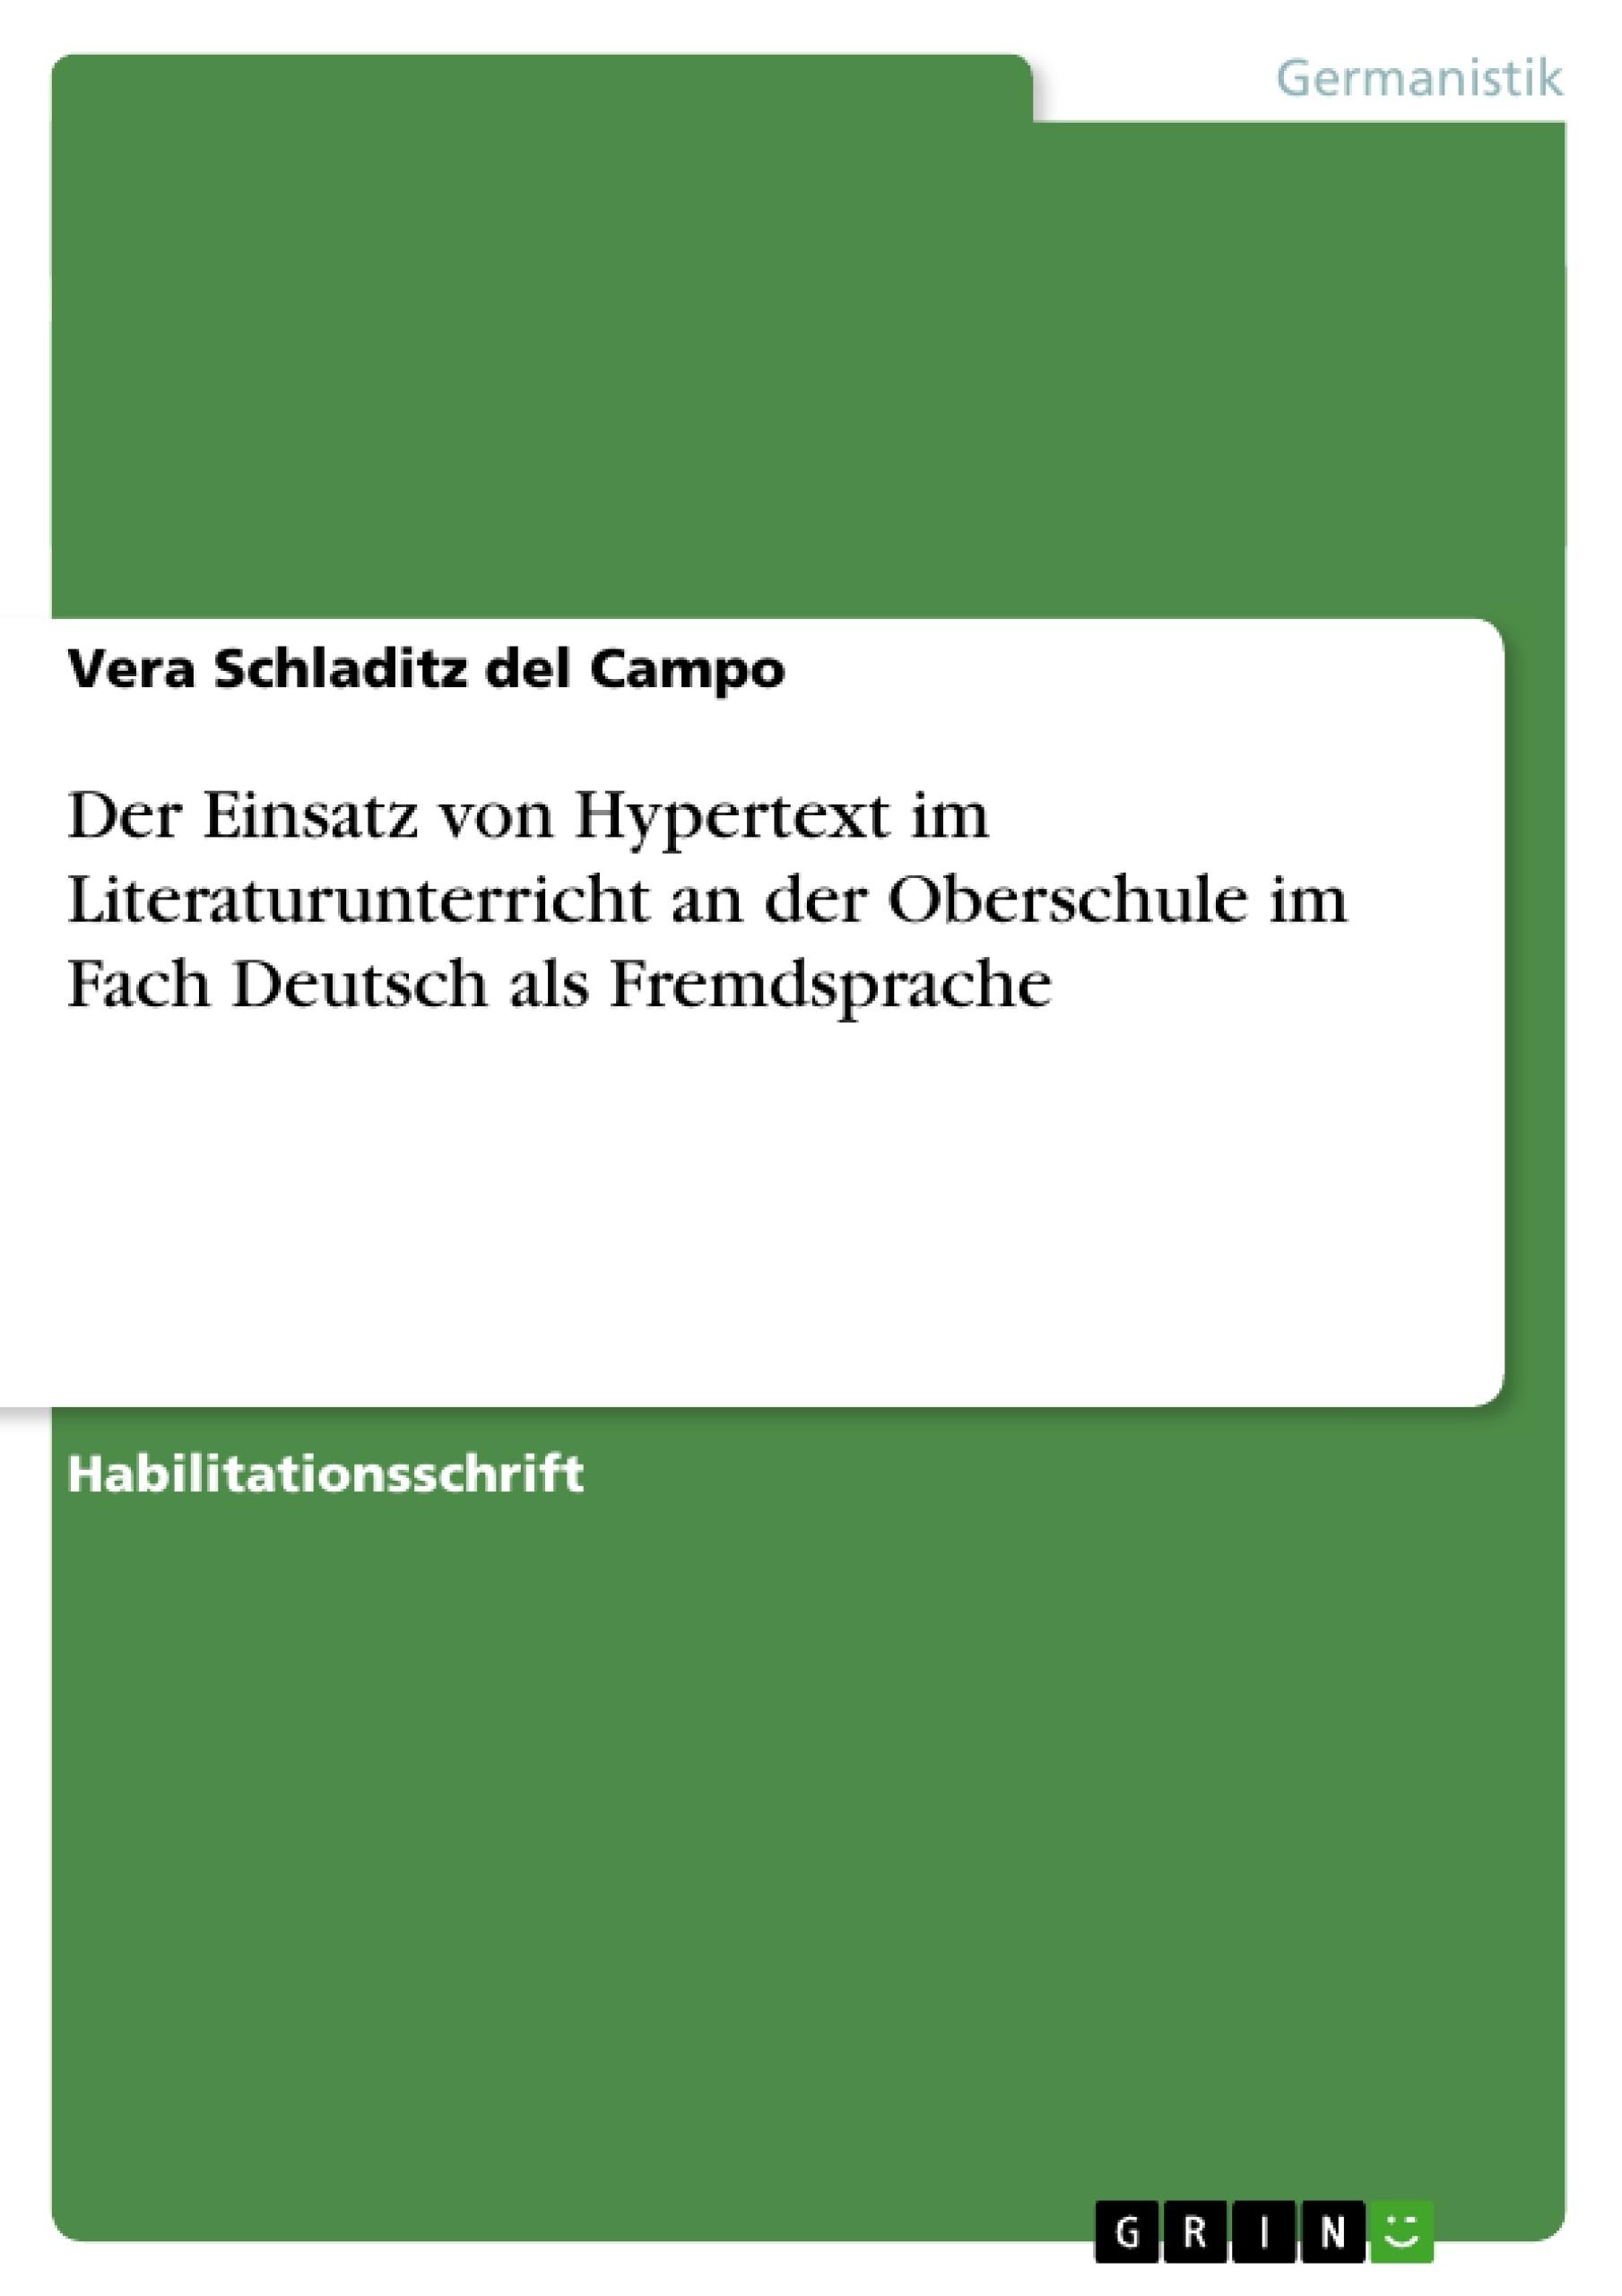 Titel: Der Einsatz von Hypertext im Literaturunterricht an der Oberschule im Fach Deutsch als Fremdsprache